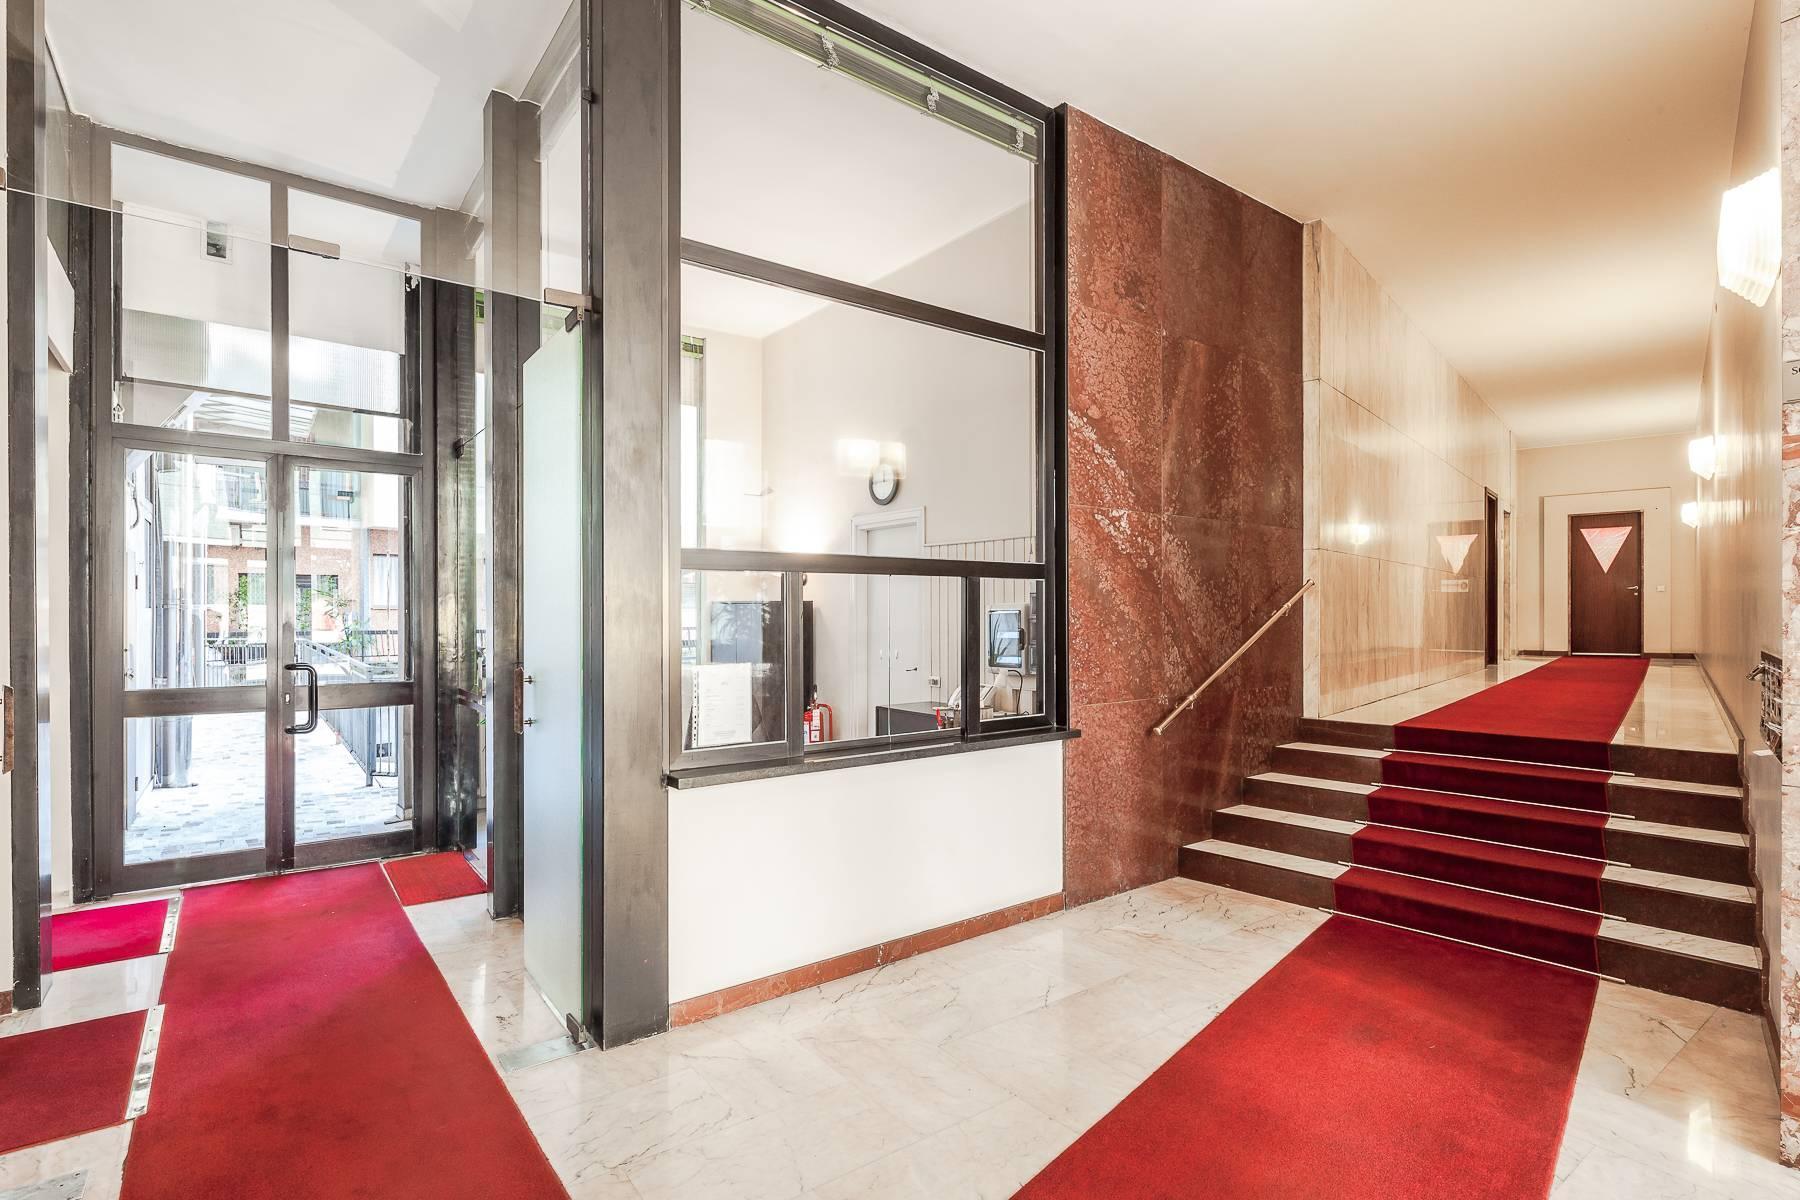 Renovierte Wohnung im Stadtviertel Ticinese/Darsena - 24